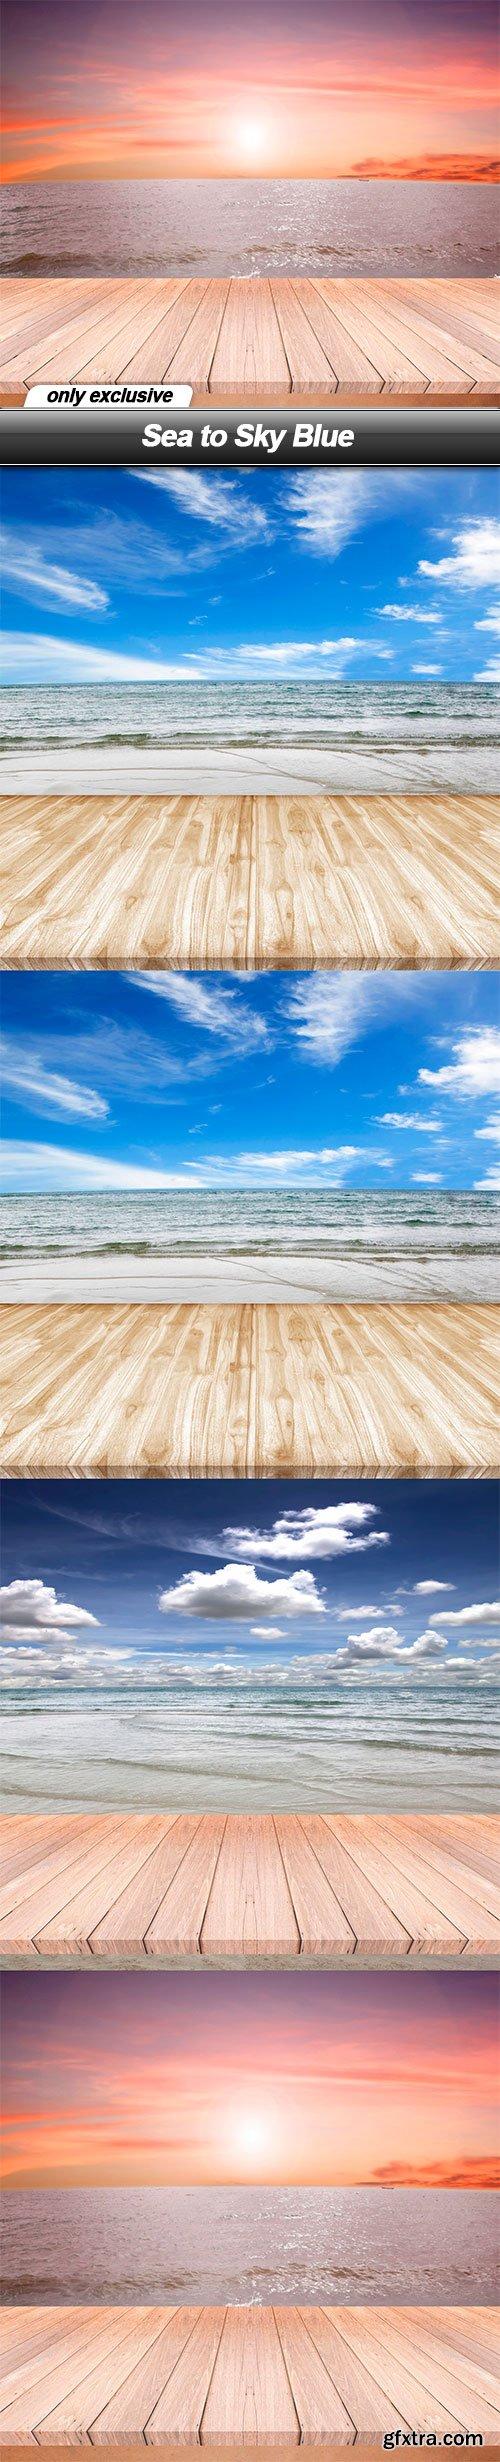 Sea to Sky Blue - 4 UHQ JPEG